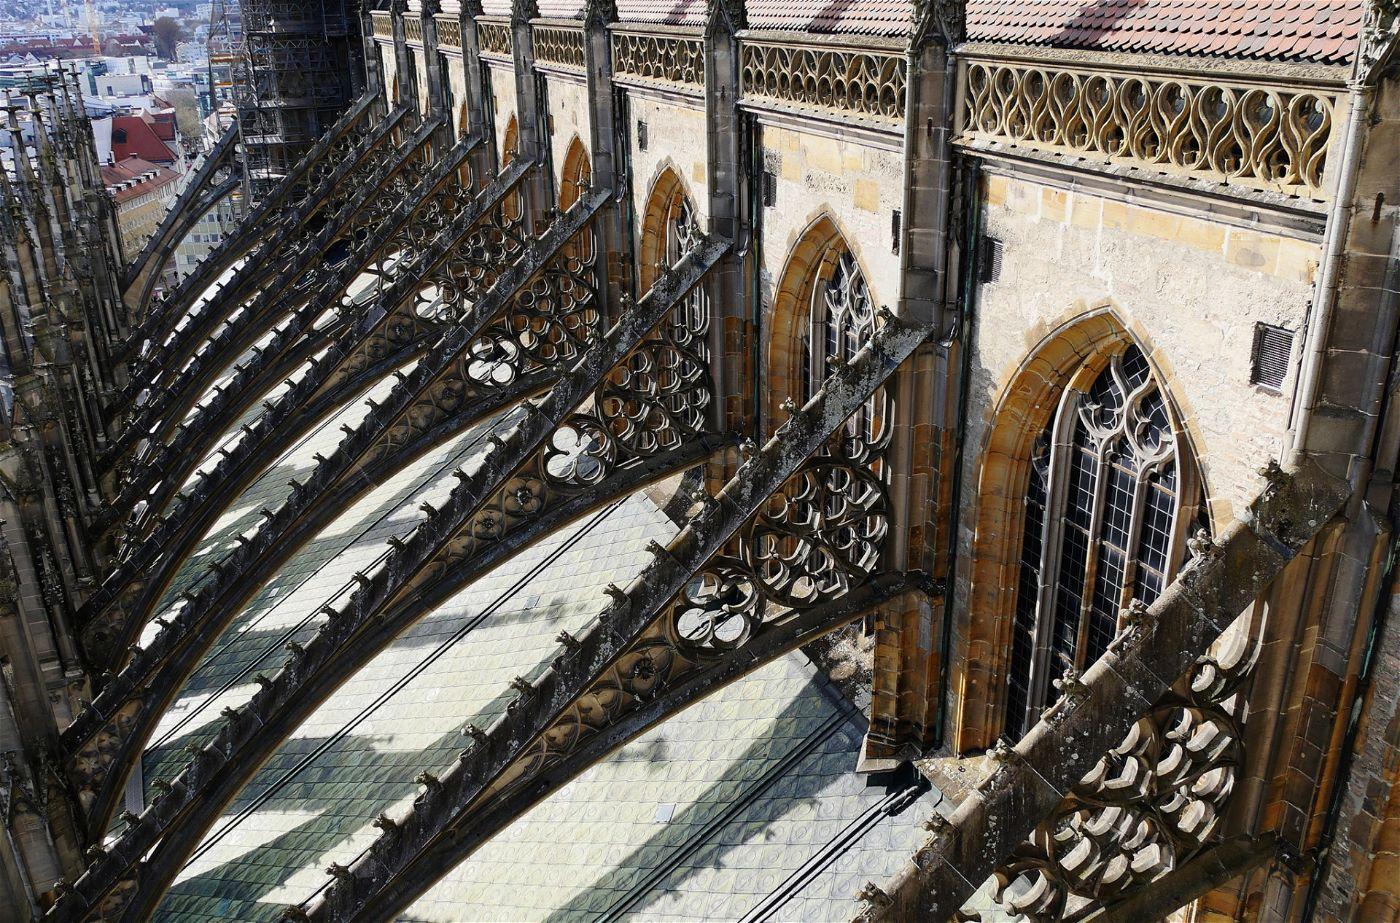 Um die Langhauswände zu stützen, die durch das Gewicht des Daches nach außen gedrückt werden, entwickelte die Gotik das Prinzip der äußeren, stützenden Strebebögen.